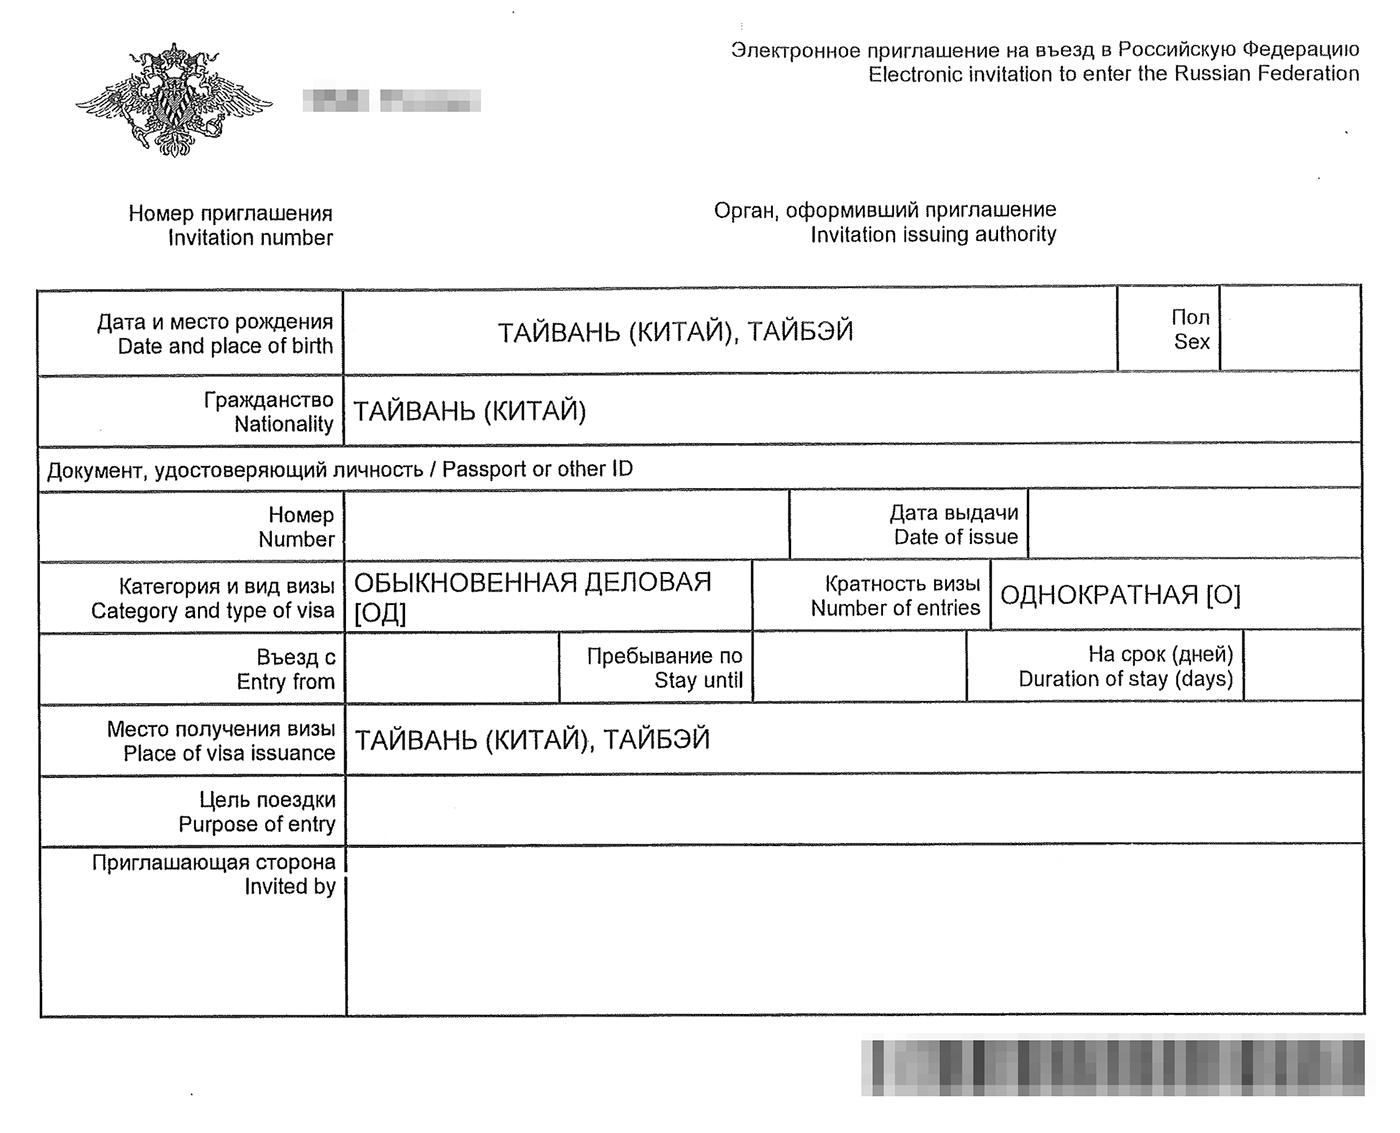 Электронное приглашение. Вся информация зашифрована в штрихкоде